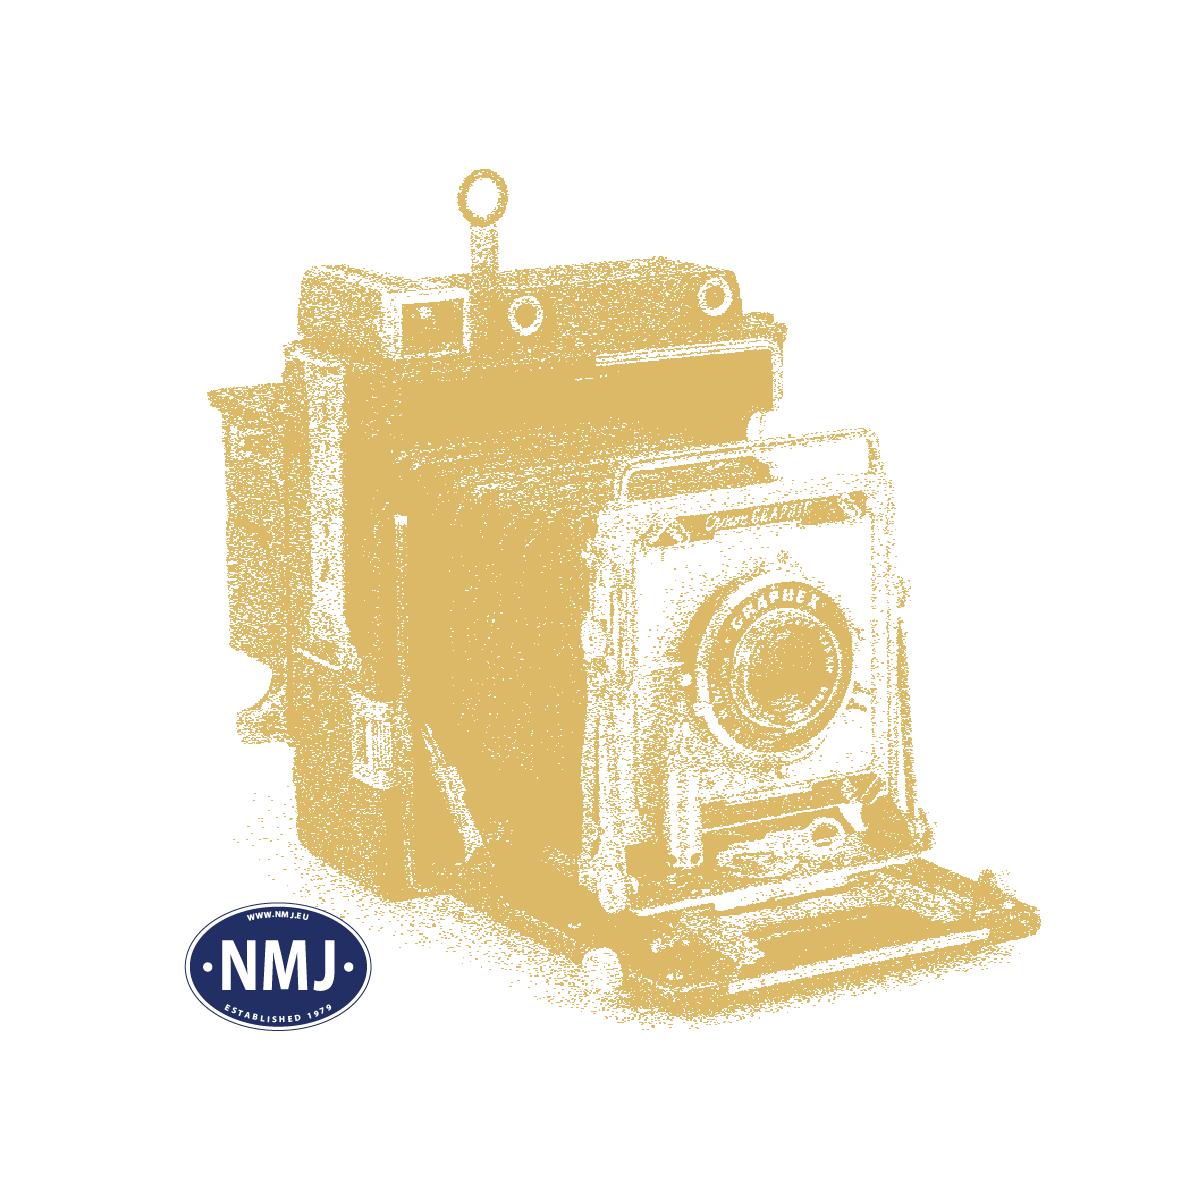 MWB-M045 - Grasmatte, Wildwuchs mit Unkraut, Winter 2, 30 x 21 cm, für TT - I